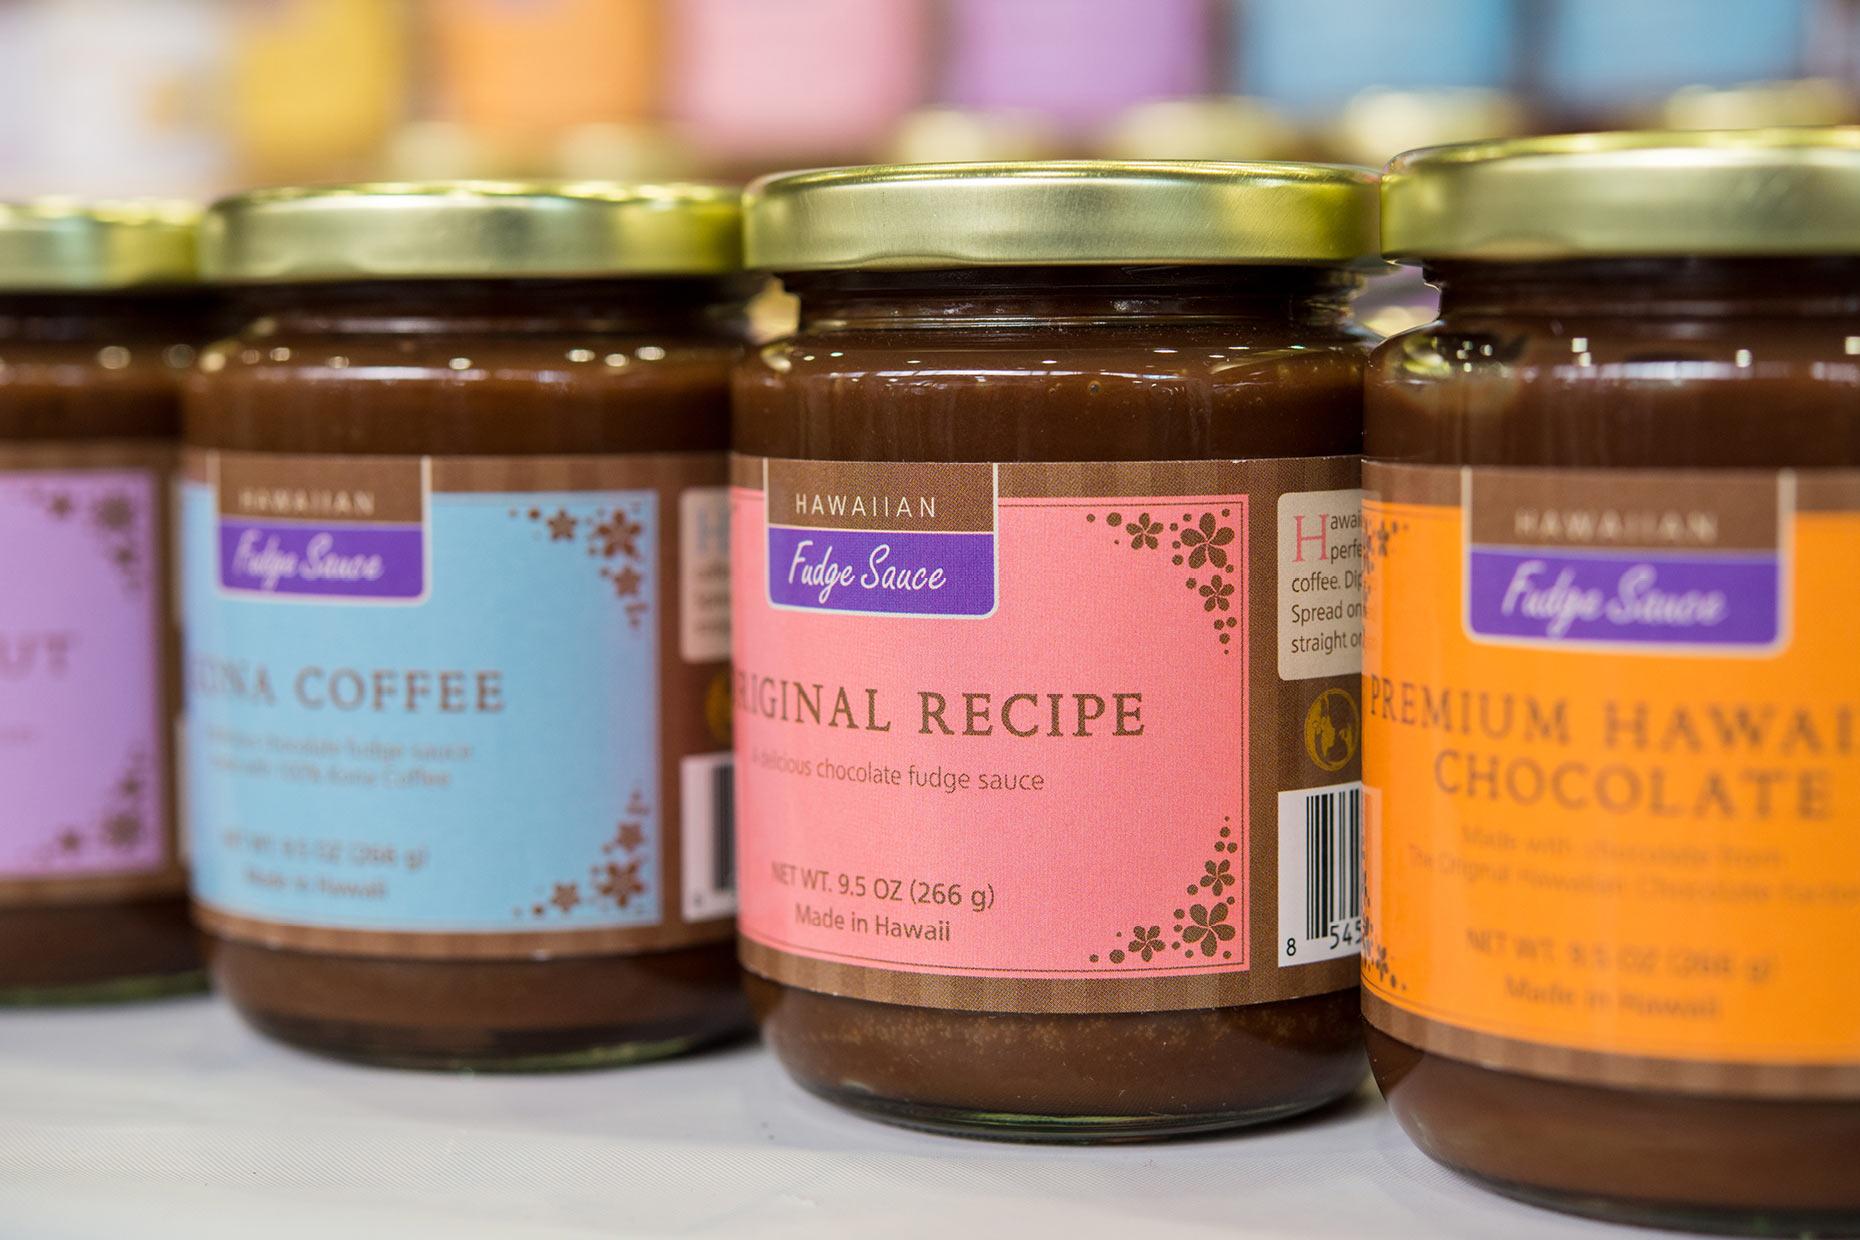 Hawaiian Fudge Sauce label